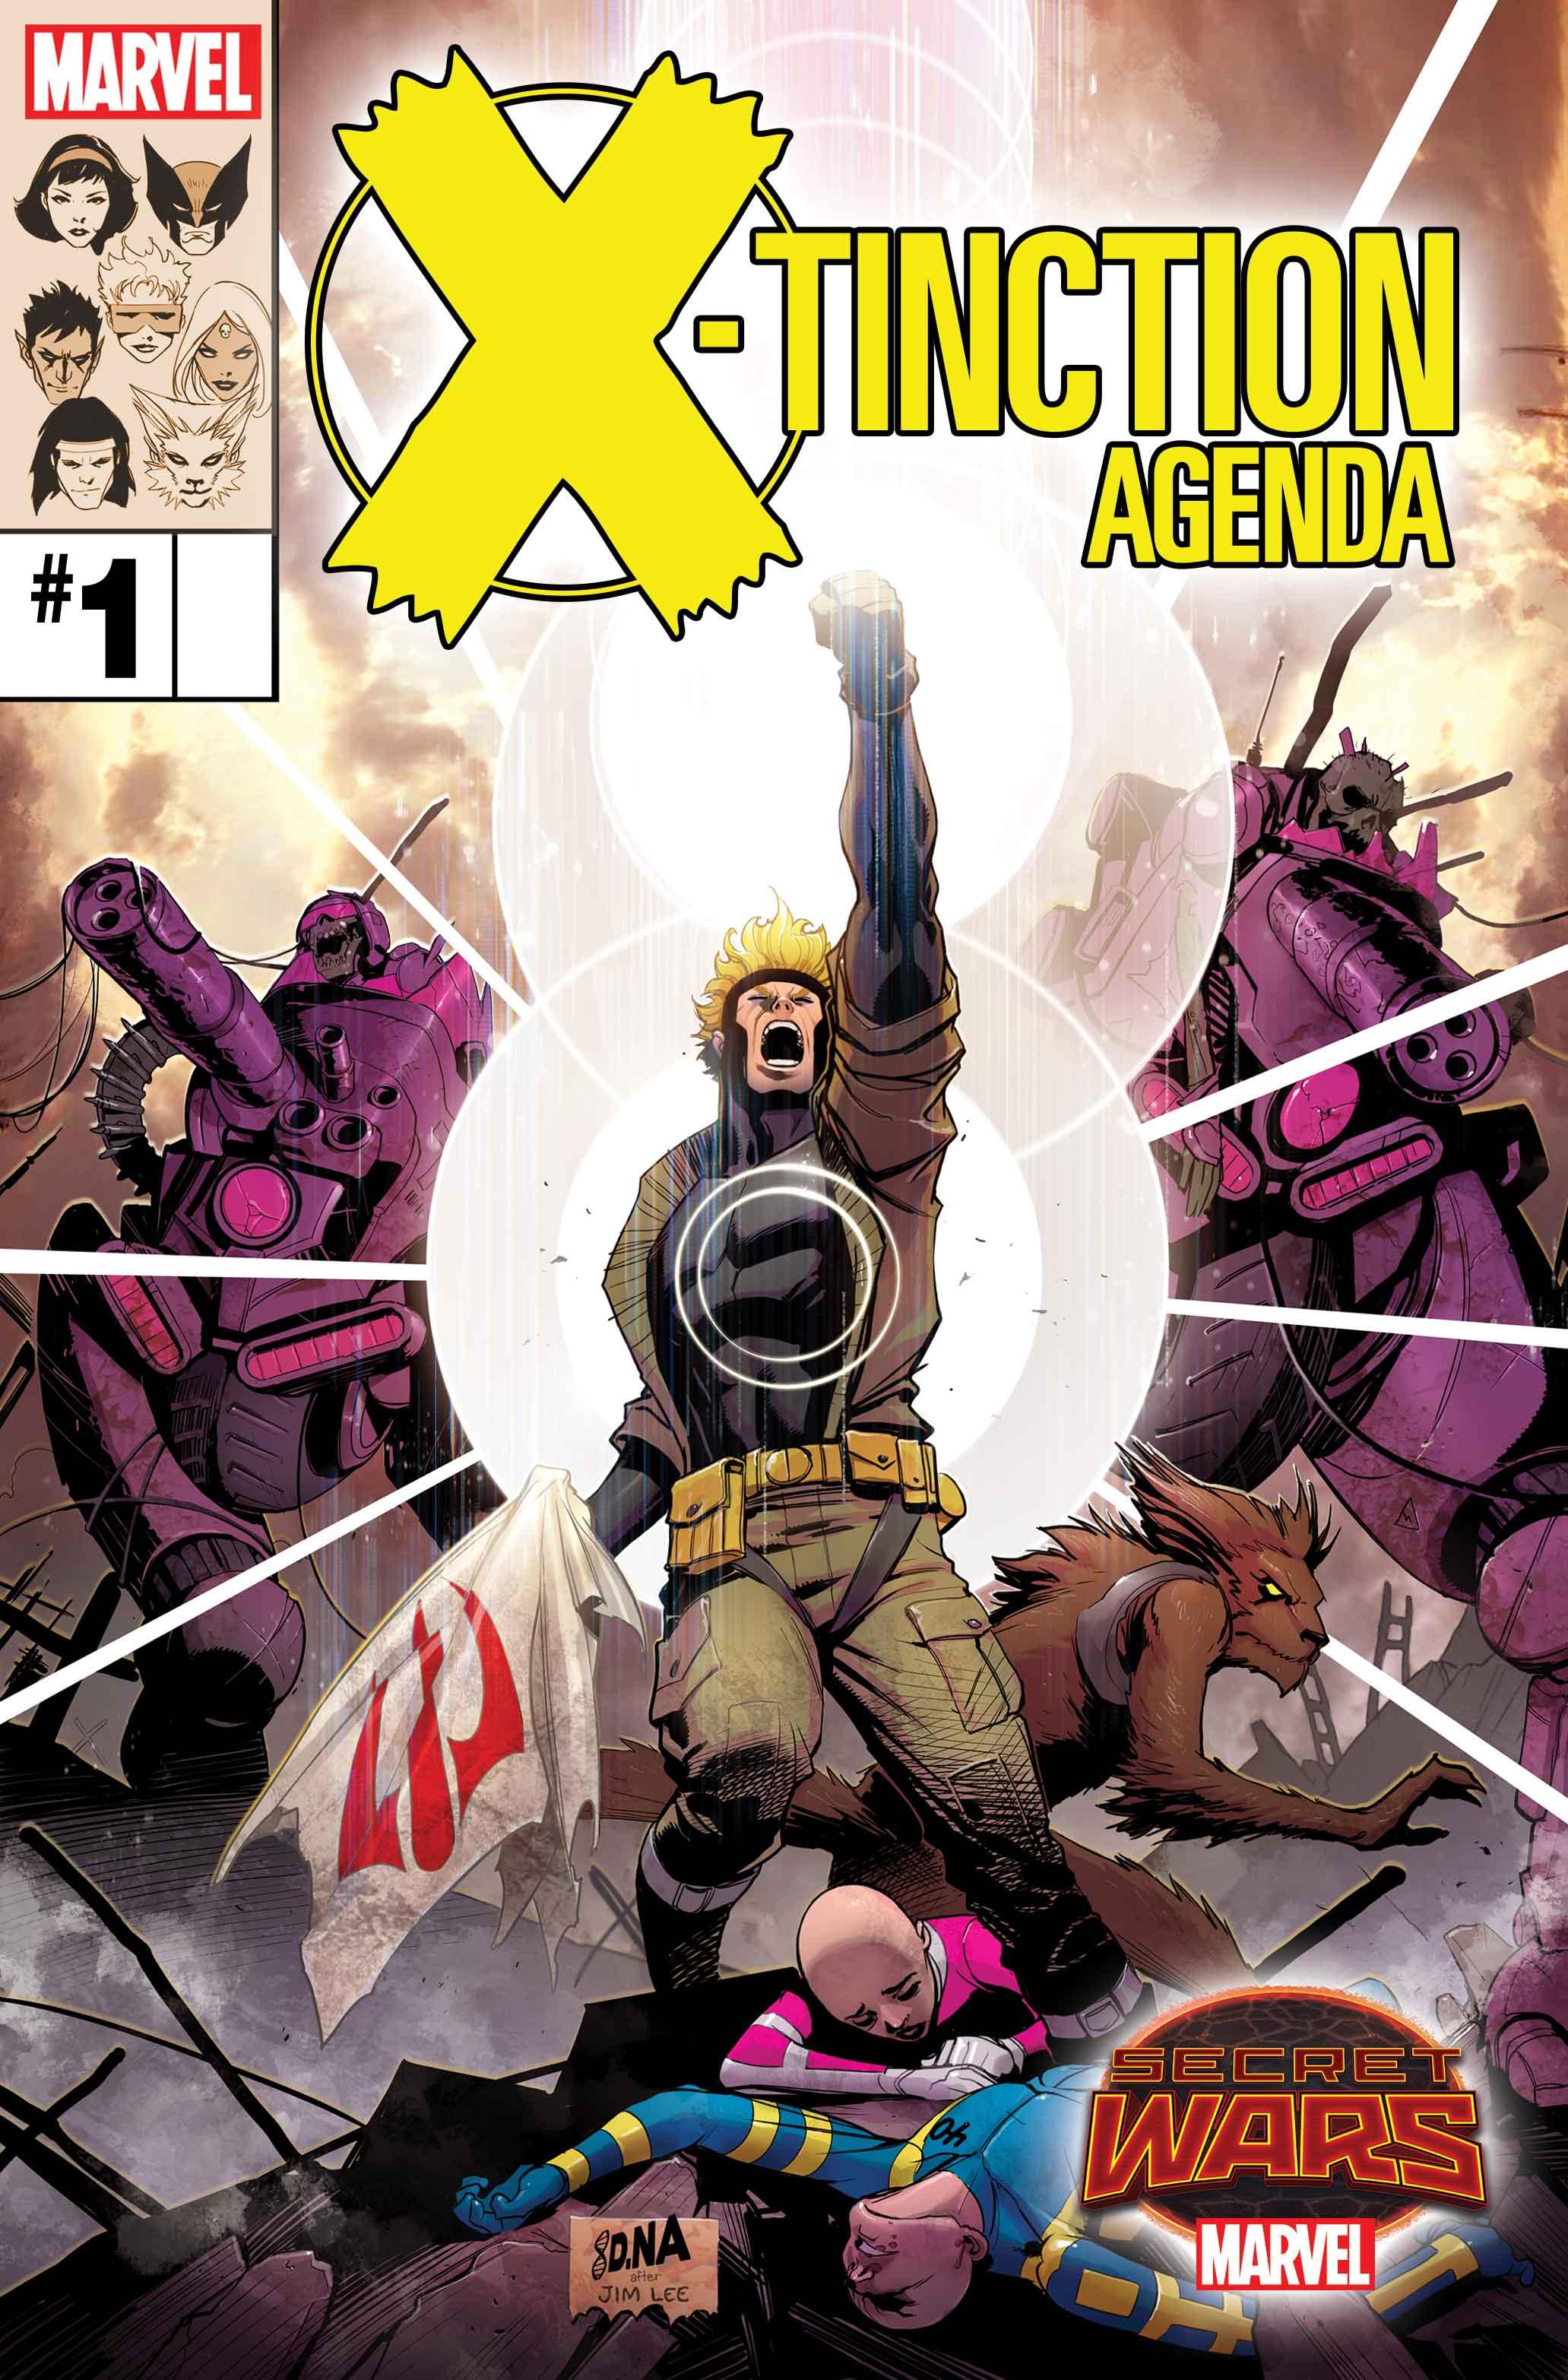 Mutants Battle Mutants in Marvel's Secret Wars